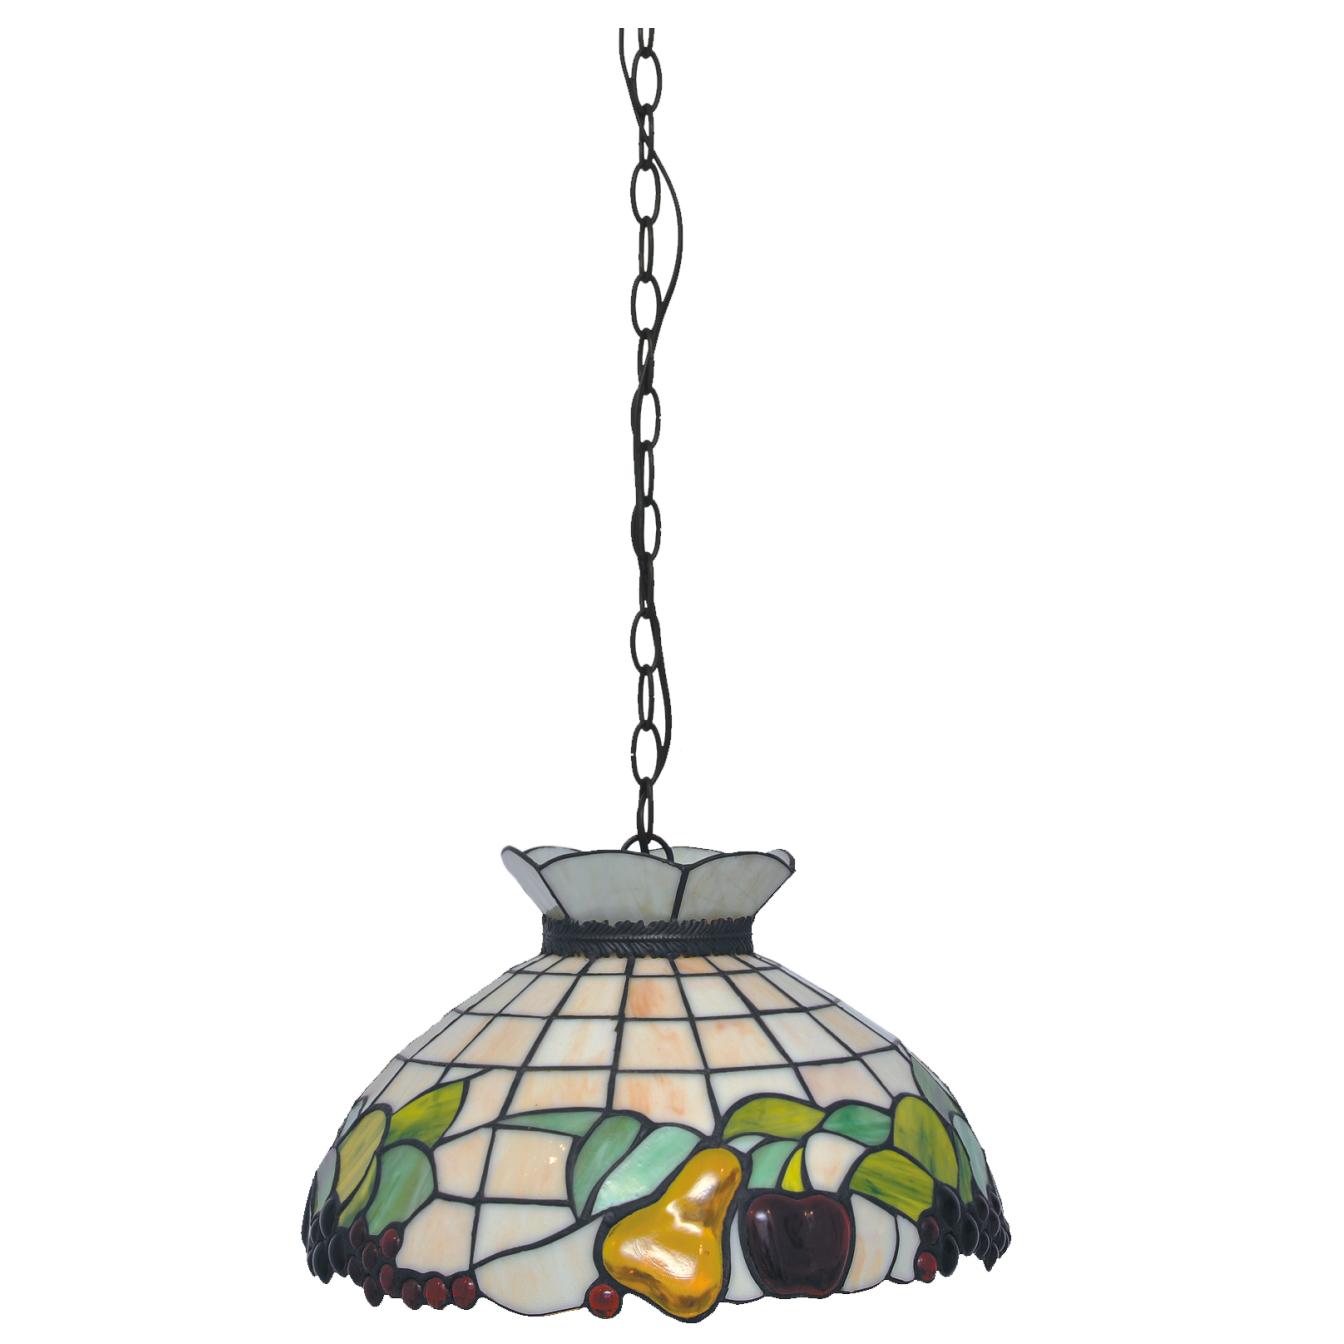 Fruit Lampa Wisząca Witrażowa W Stylu Tiffany K P16550 Kaja